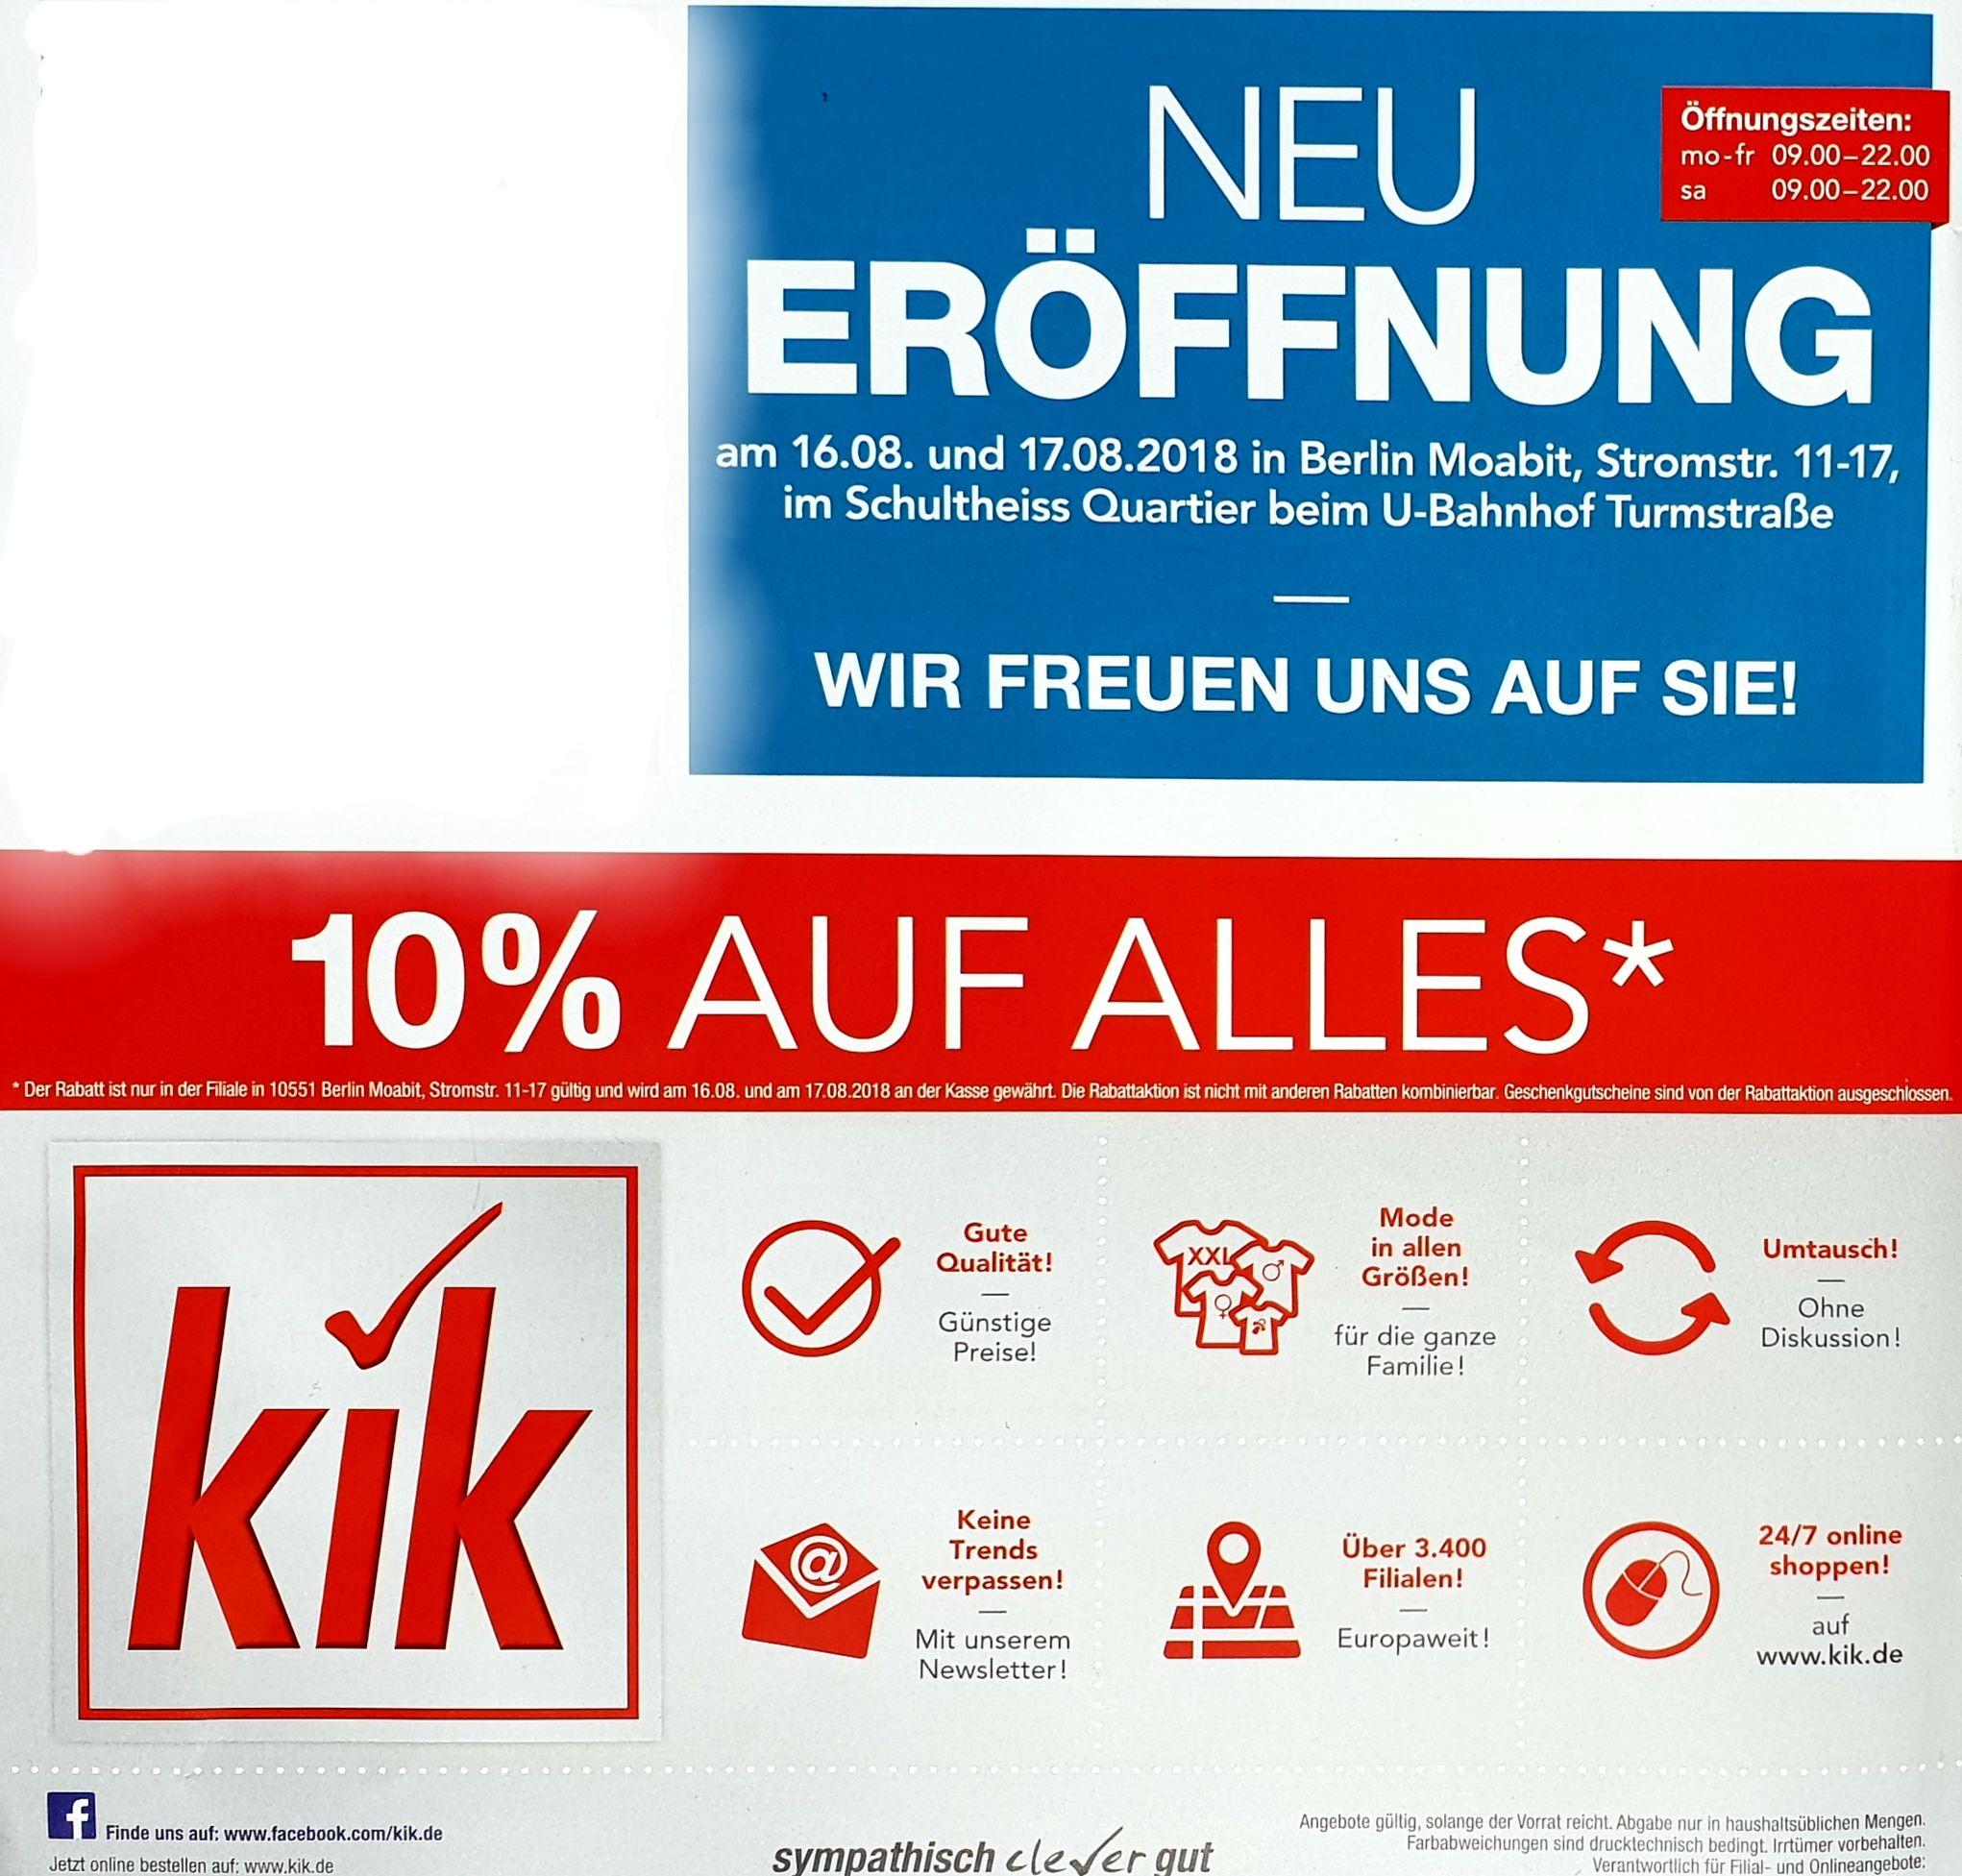 [Lokal Berlin] Schultheiss-Quartier (Moabit) 10% auf alles bei KIK - Textildiscount am 16.08 und 17.08 Bsp. 32 Zoll Xoro HTL 3246 720p Fernseher für 89€